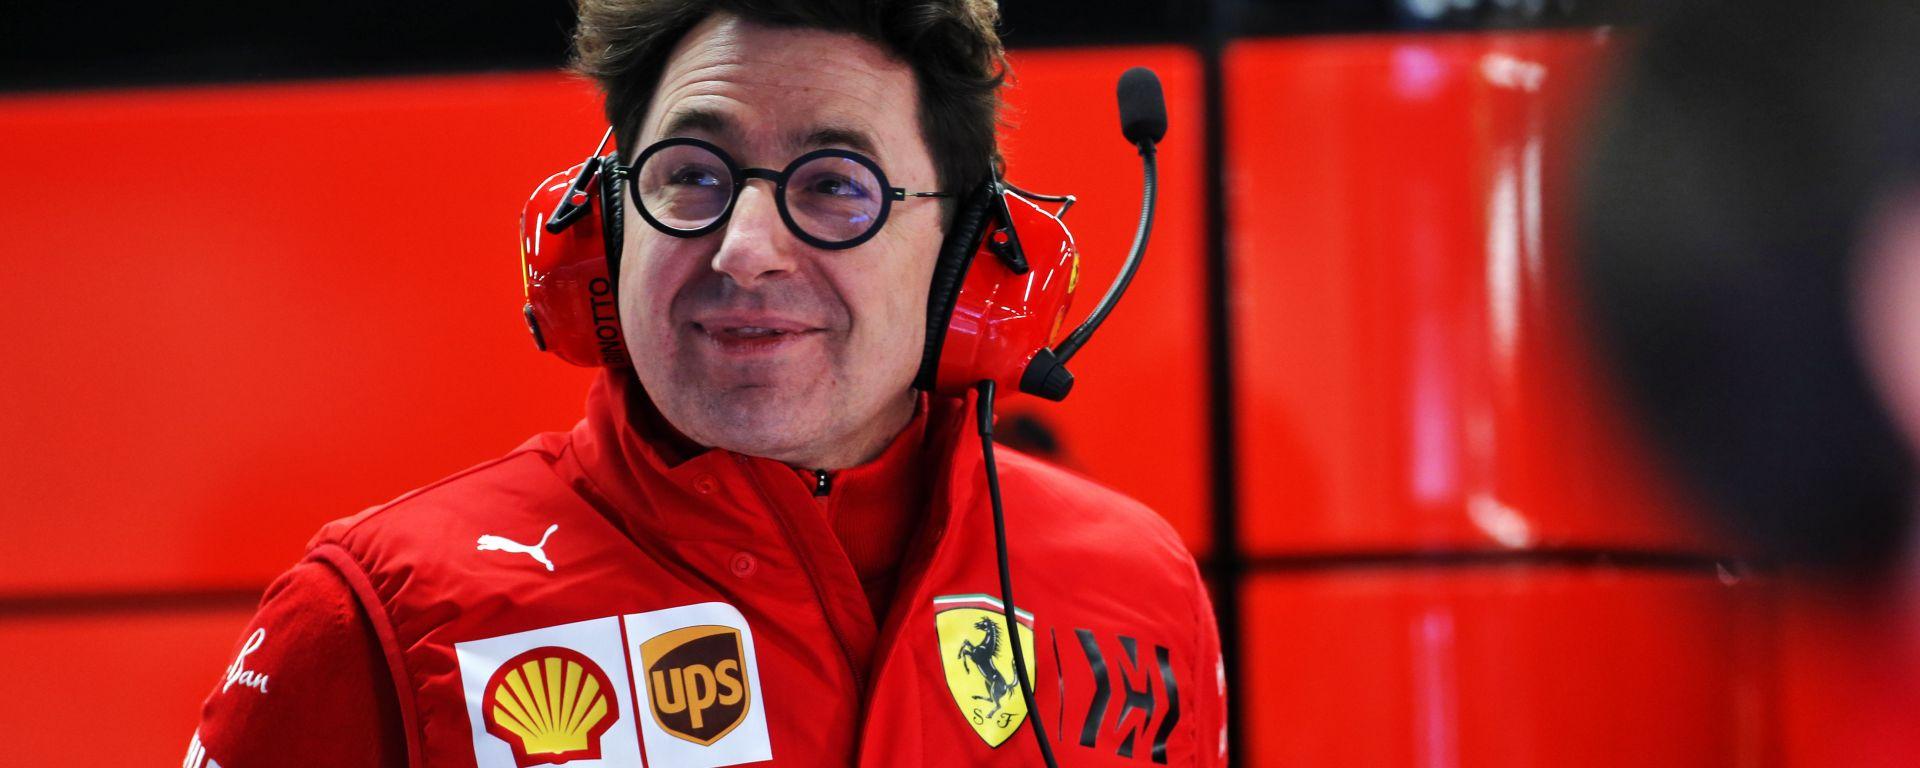 F1 Test Barcellona 2020: Mattia Binotto (Scuderia Ferrari)